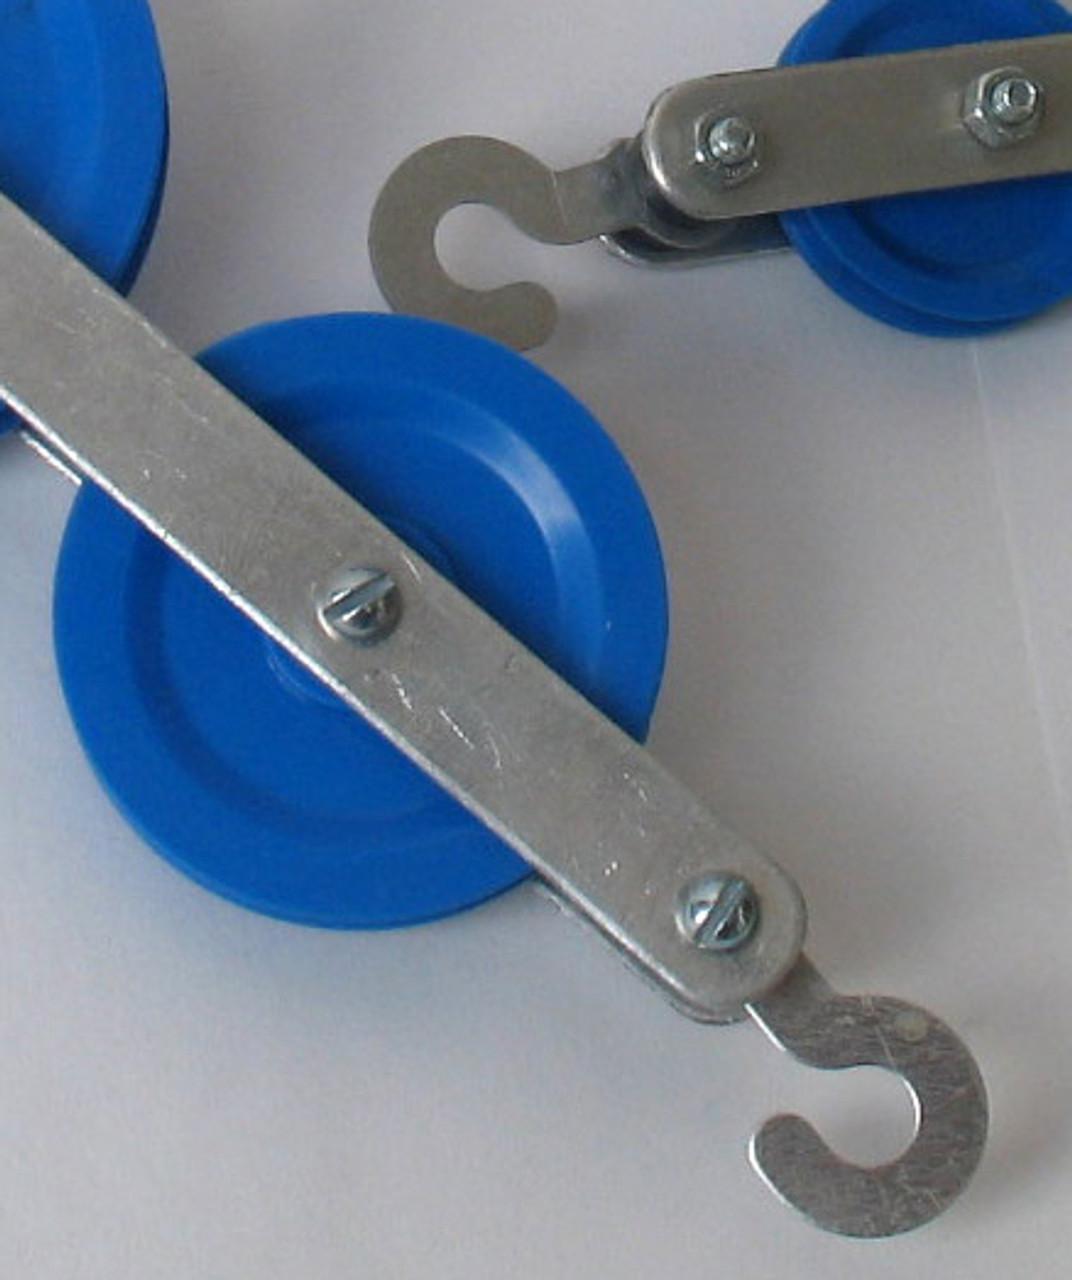 Plastic pulleys on metal assembled frames